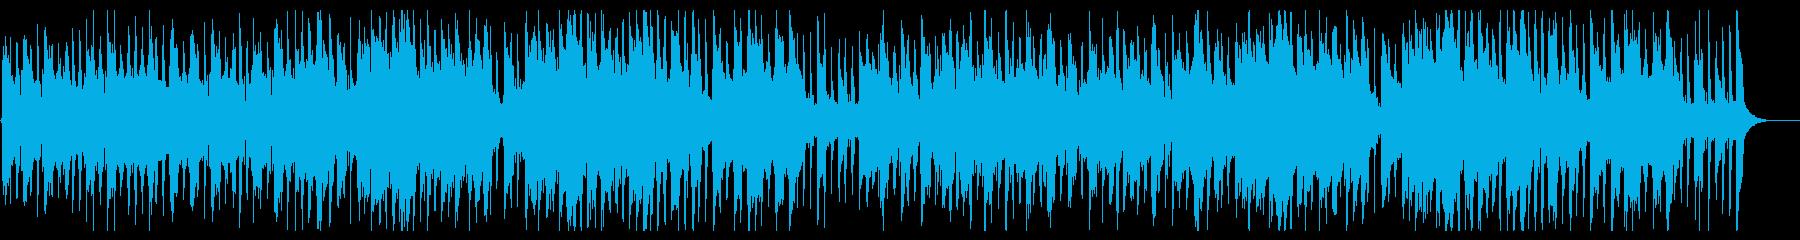 フレンチ/ワルツ/ヨーロピアン/おしゃれの再生済みの波形